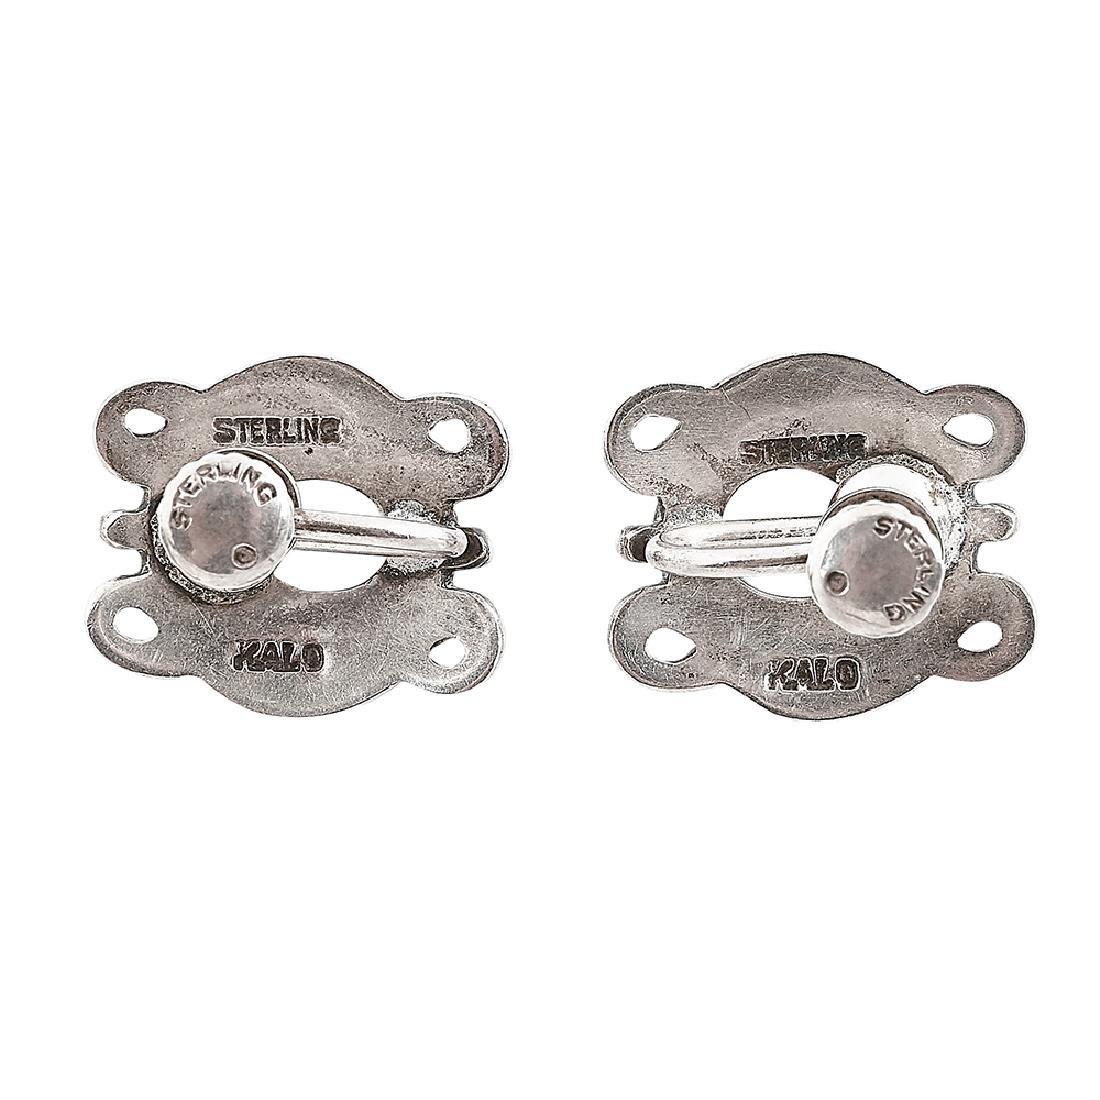 The Kalo Shop earclip earrings - 2